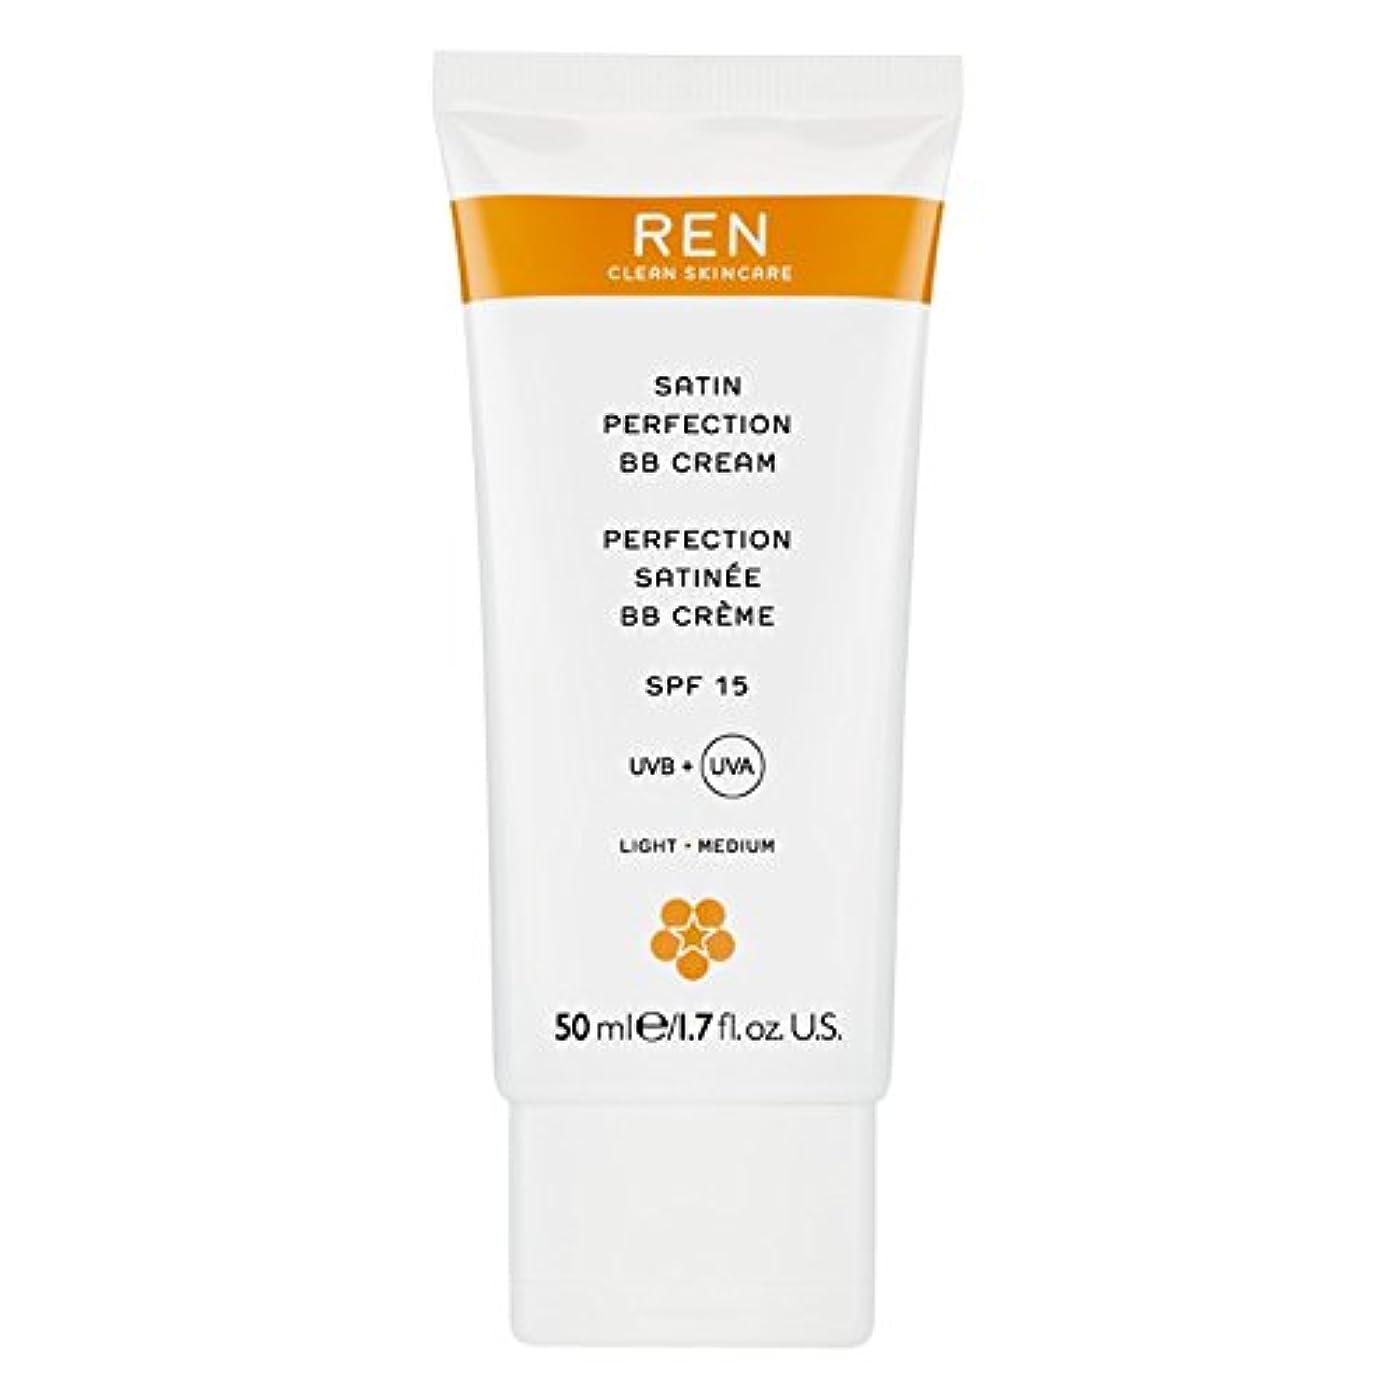 セブン家族月曜日Renサテン完璧Bbクリーム50ミリリットル (REN) (x2) - REN Satin Perfection BB Cream 50ml (Pack of 2) [並行輸入品]